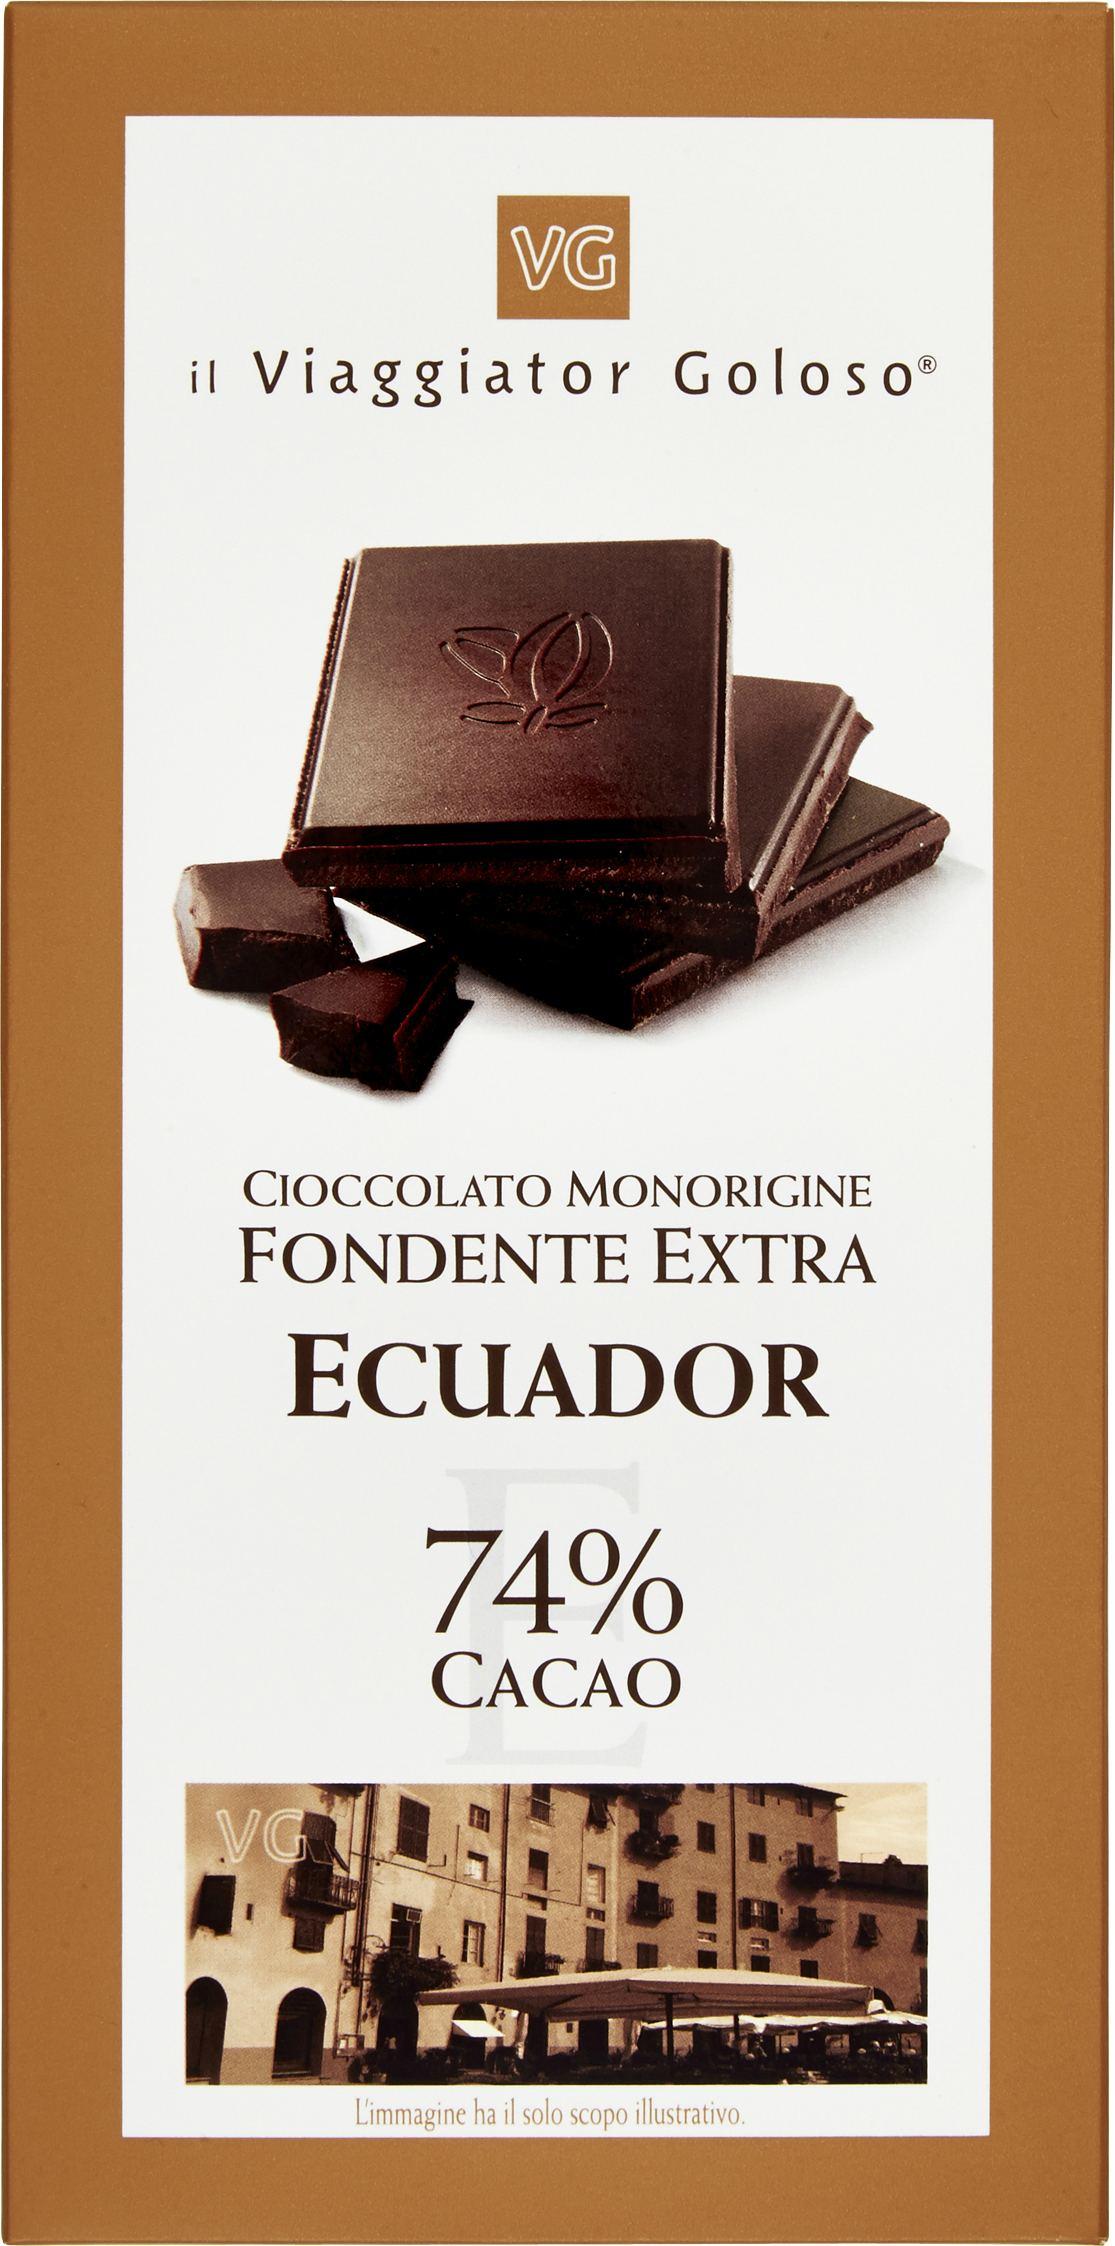 БЕЗ БРЭНДА Шоколад темный 74% Il Viaggiator Goloso без брэнда шоколад темный 74% il viaggiator goloso